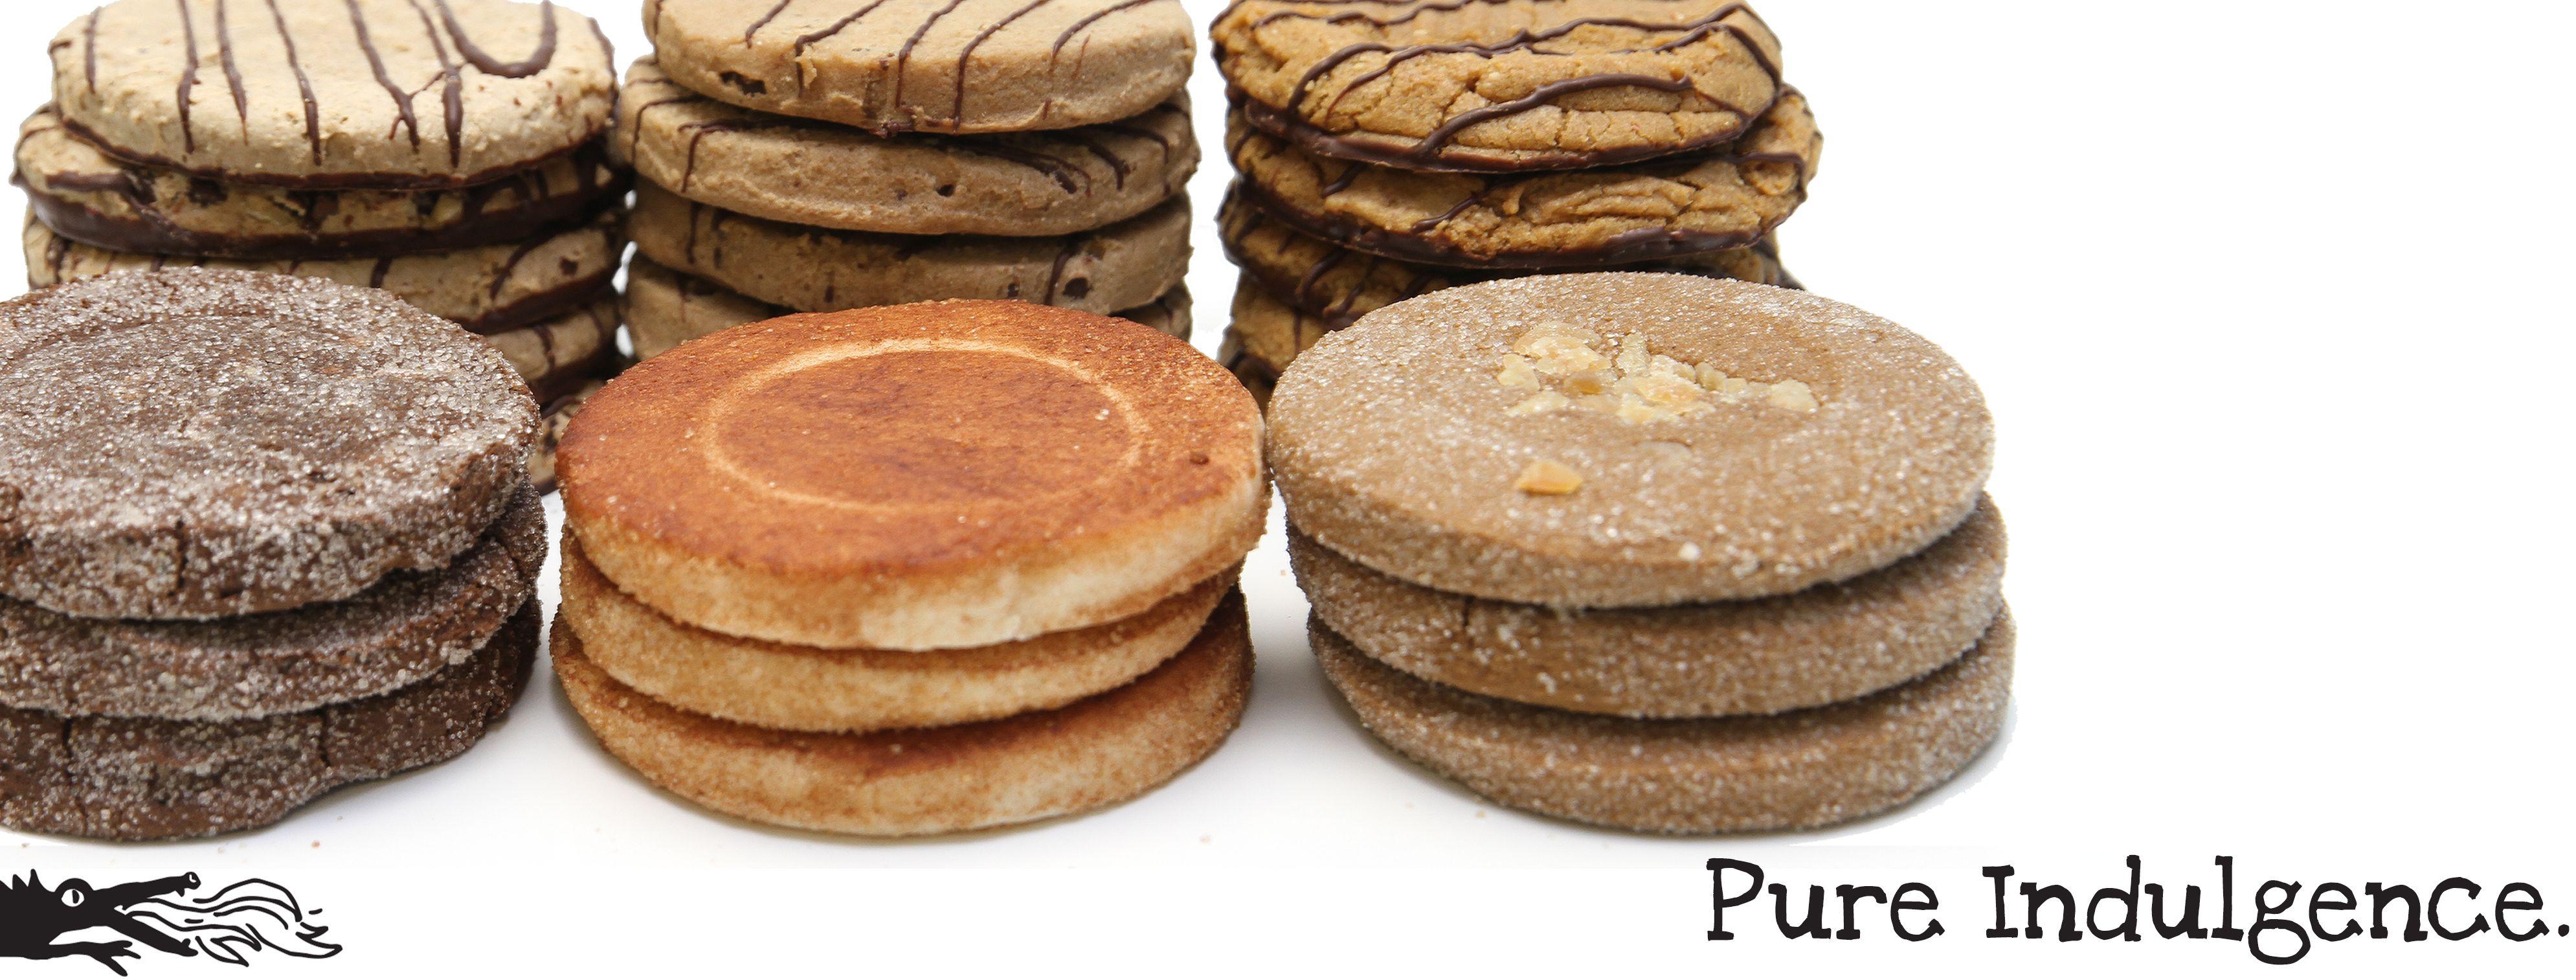 Liz Lovely Gluten Free Cookies & Vegan Cookies Shop